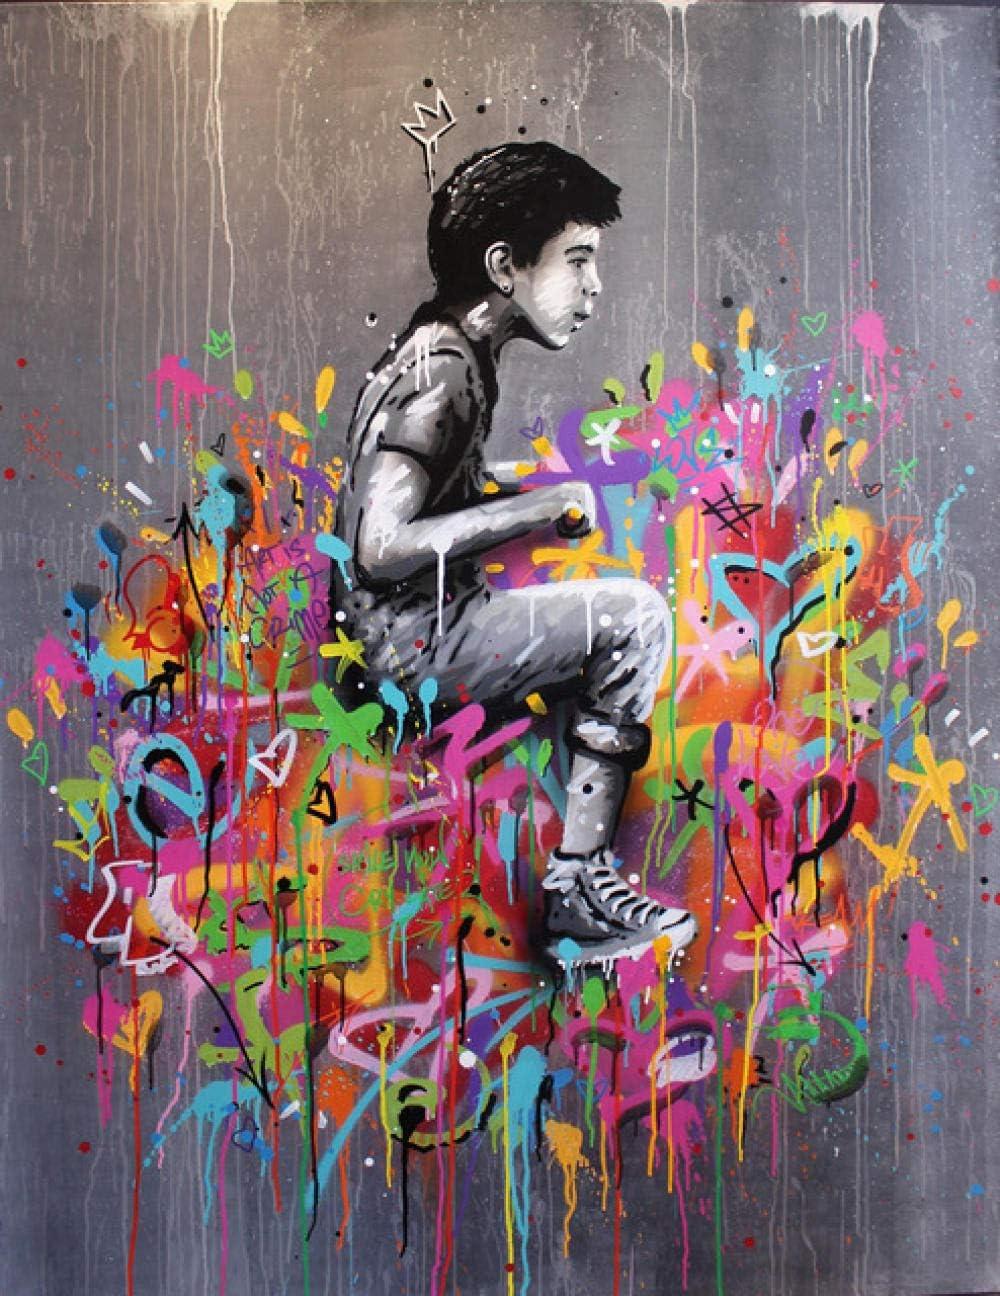 Flduod Retrato Imagen Lienzo Pintura Personaje Pared Arte Graffiti decoración del hogar Abstracto Mujer Imagen Arte Cartel e impresión-40x60cm